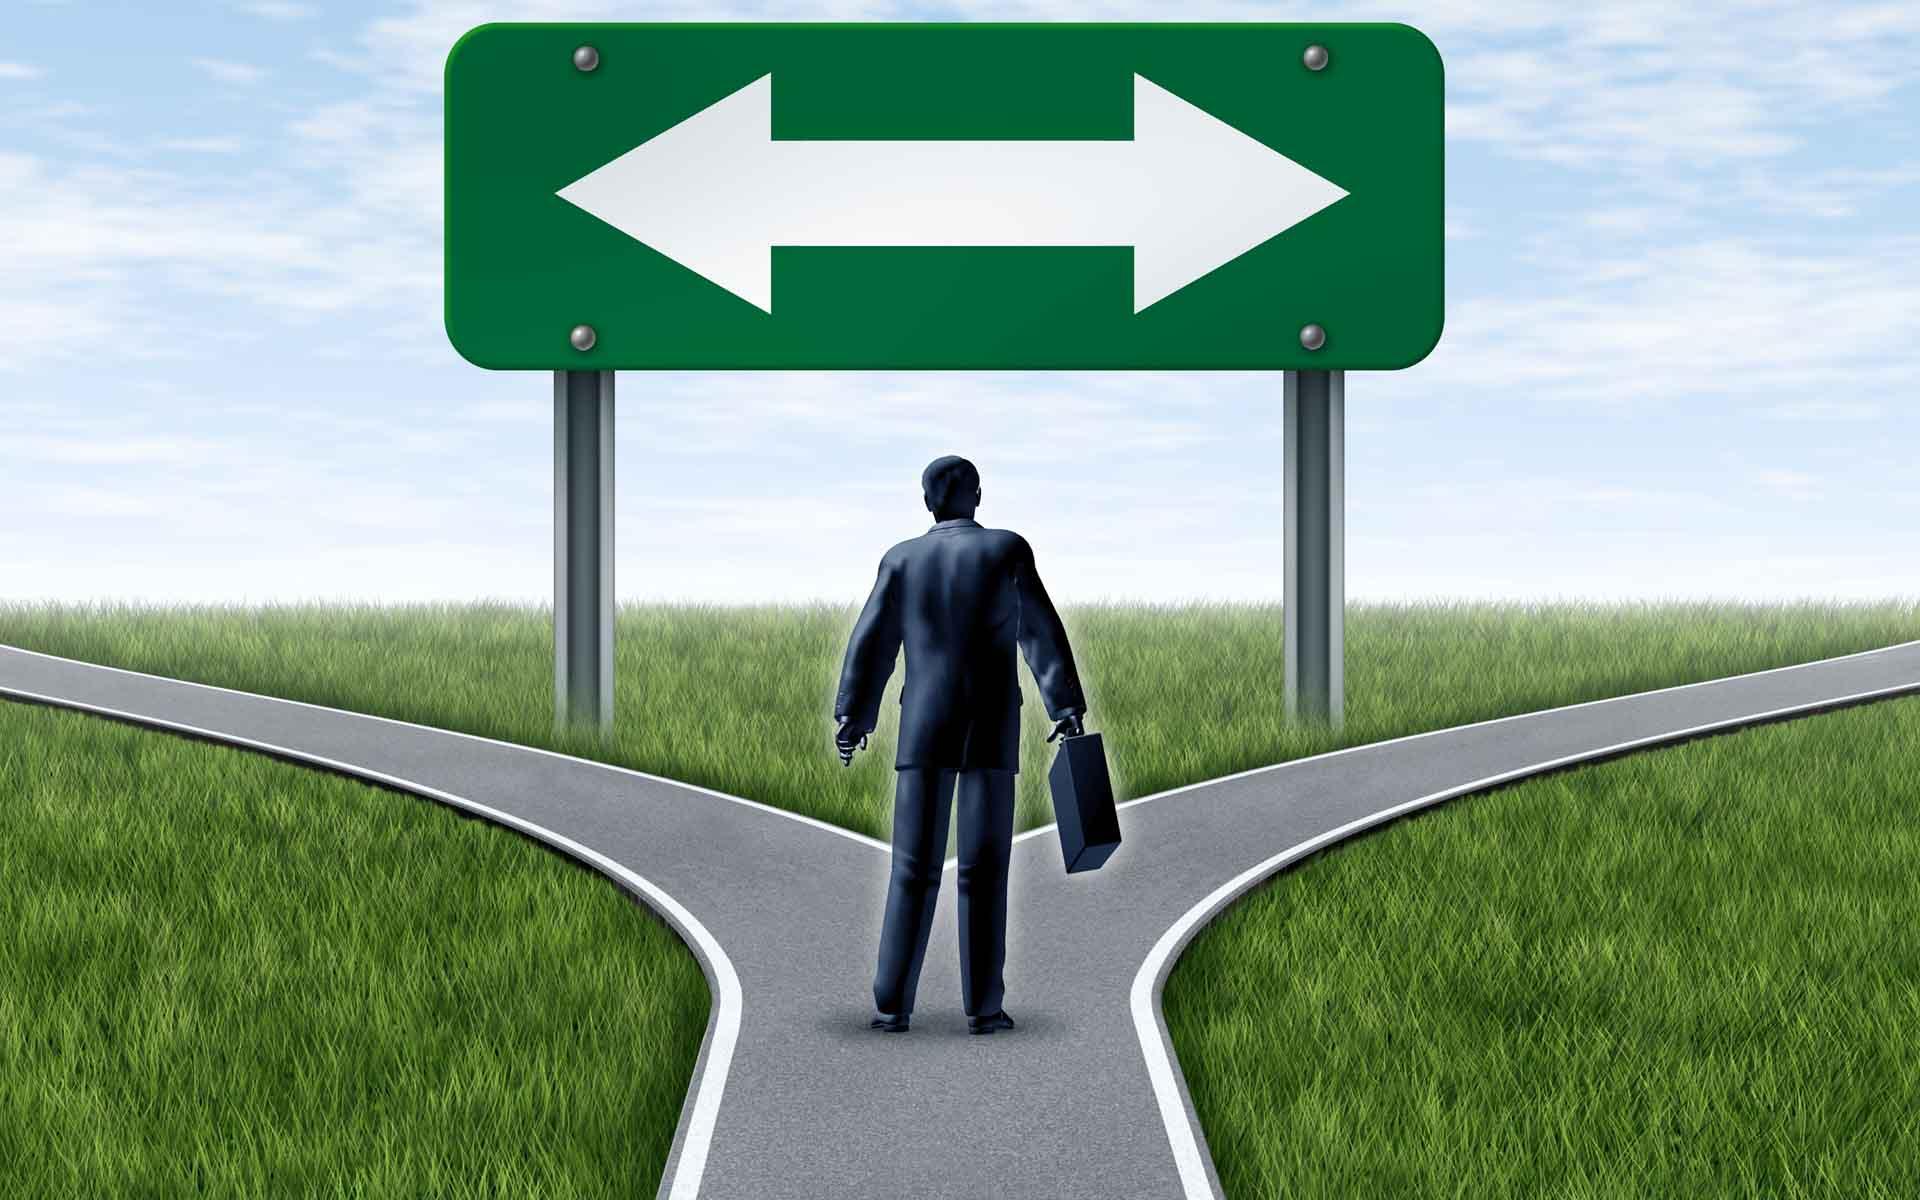 Как сделать правильный выбор в принятии решений